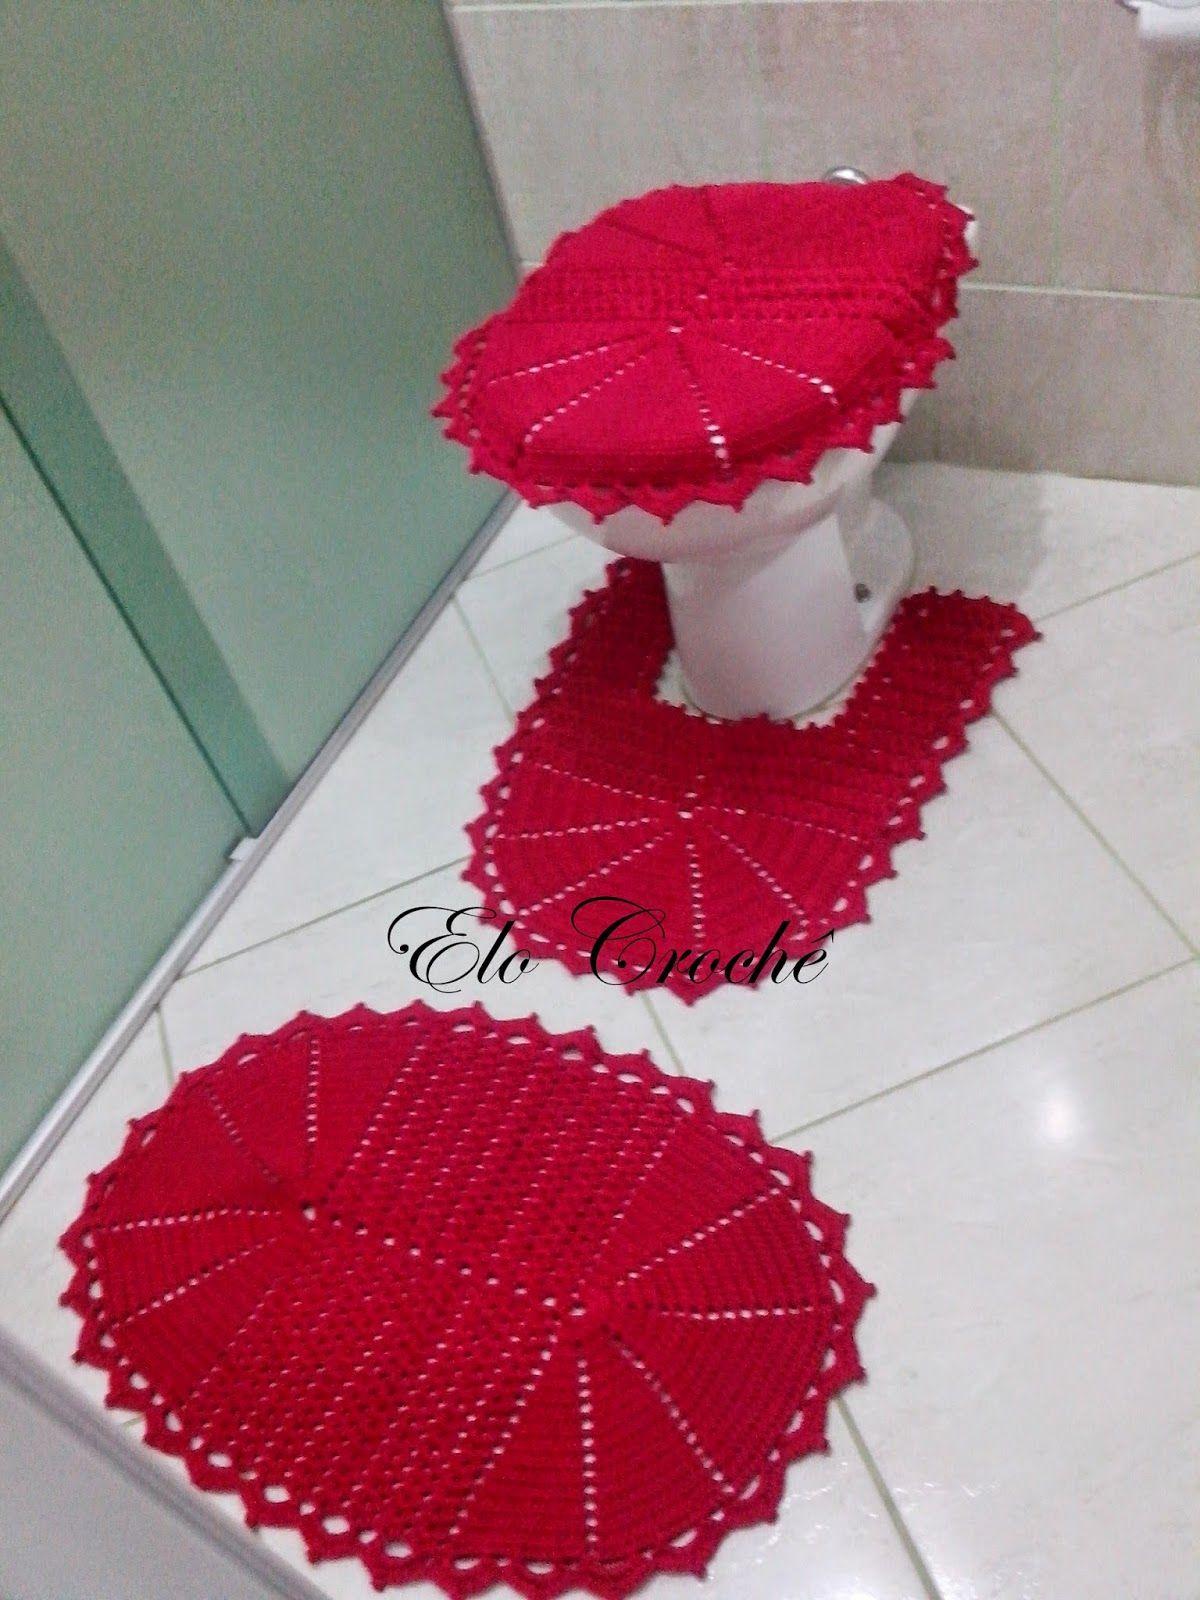 Elo Croche By Eloiza Castro Jogo De Banheiro De Croche Vermelho Paixao Jogos De Banheiro Croche Para Banheiro Jogos De Banheiro Croche